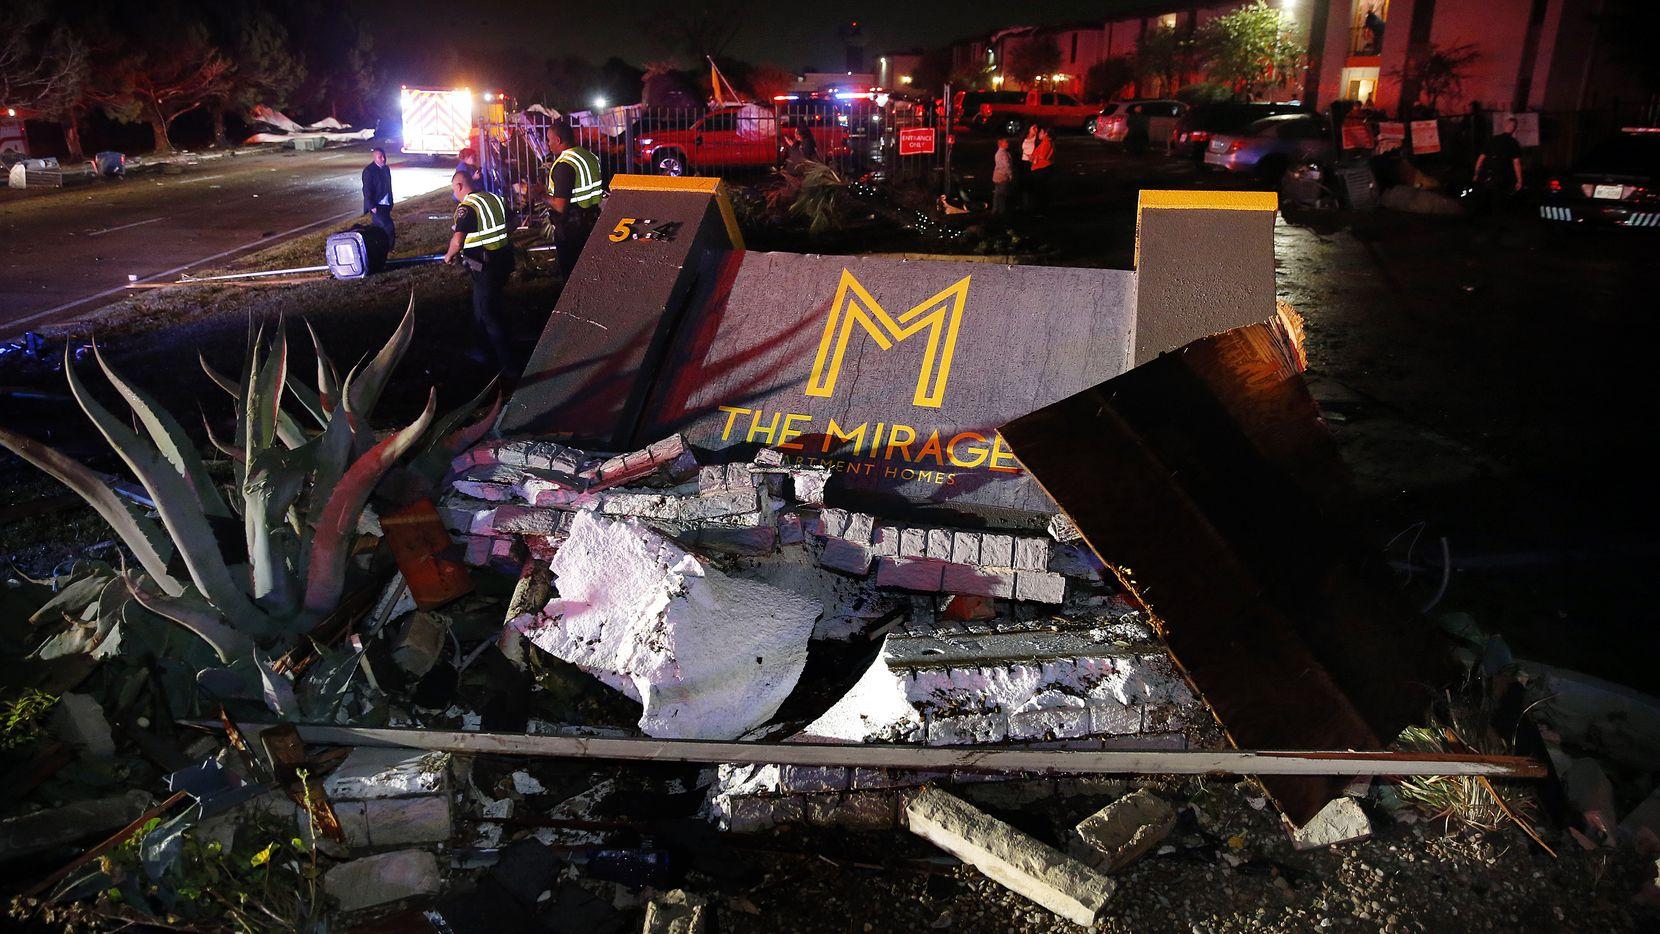 El cartel de The Mirage Apartments destruido tras la fuerte tormenta que atravesó parte del Norte de Texas la noche del 24 de noviembre de 2020.